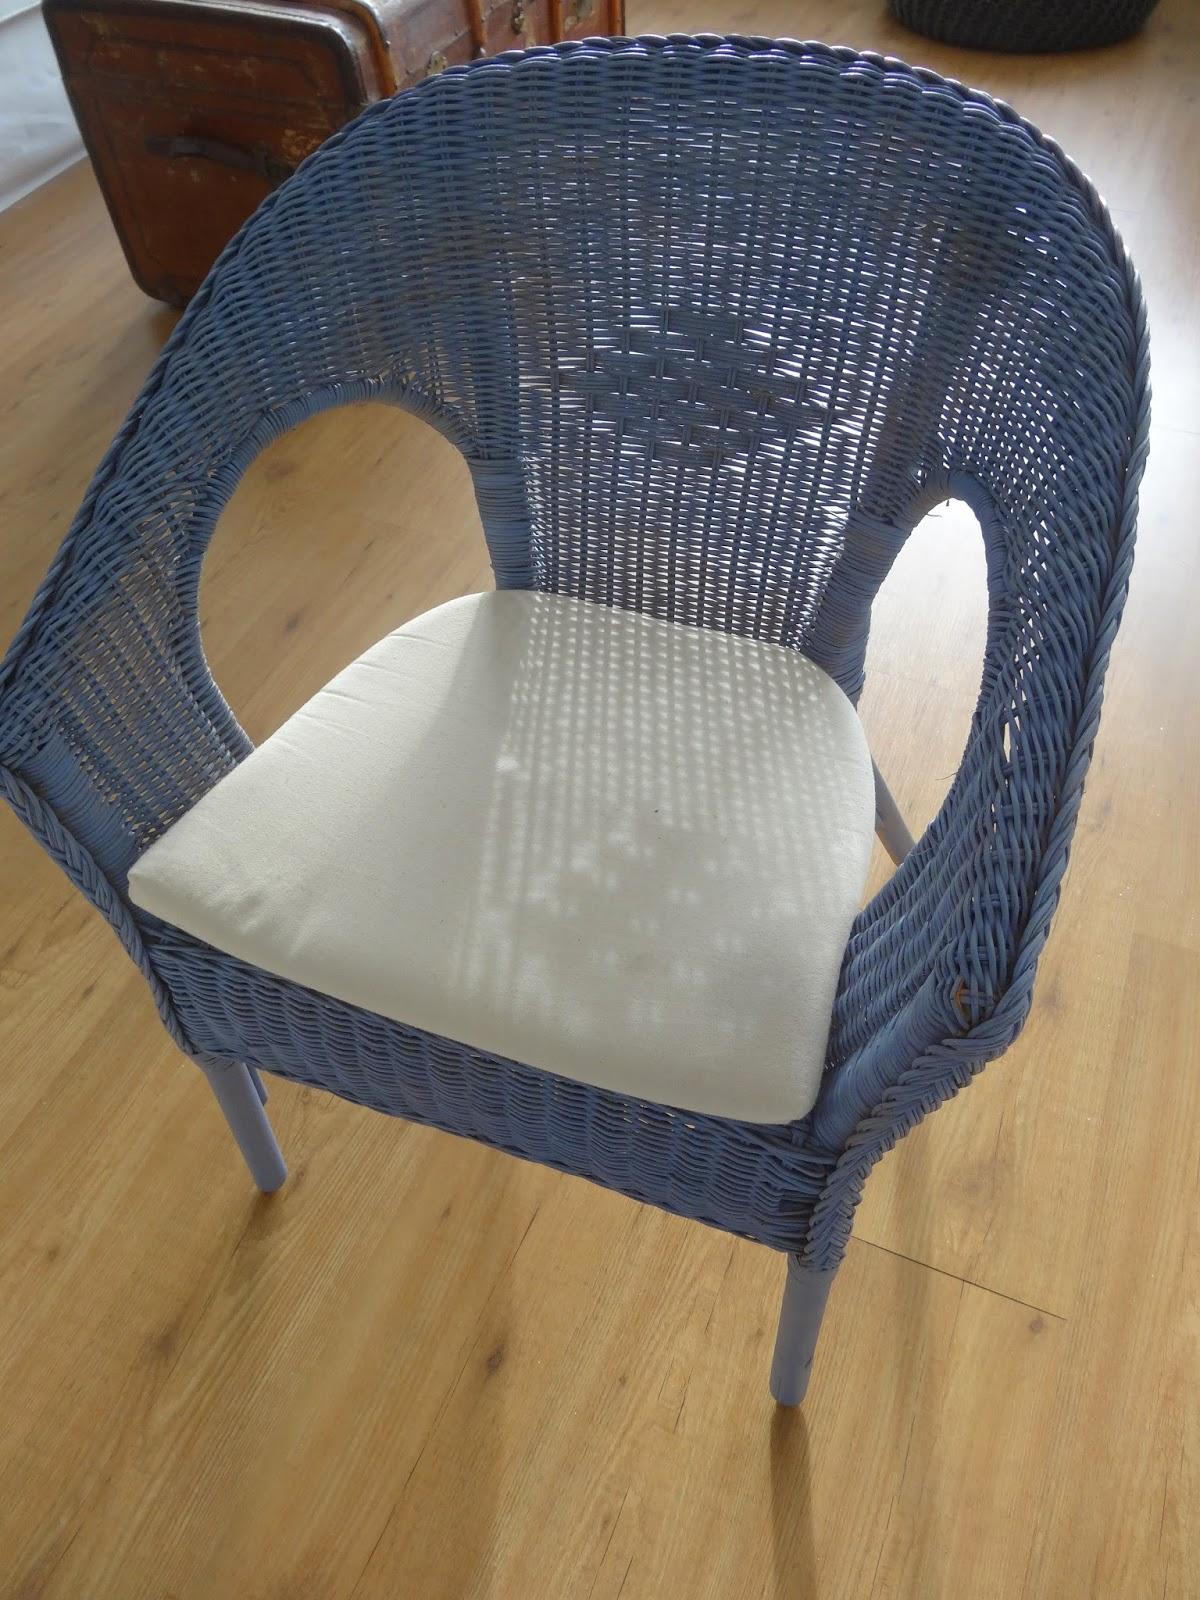 drei w nsche kinoreife verwandlung ikea st hle mit. Black Bedroom Furniture Sets. Home Design Ideas